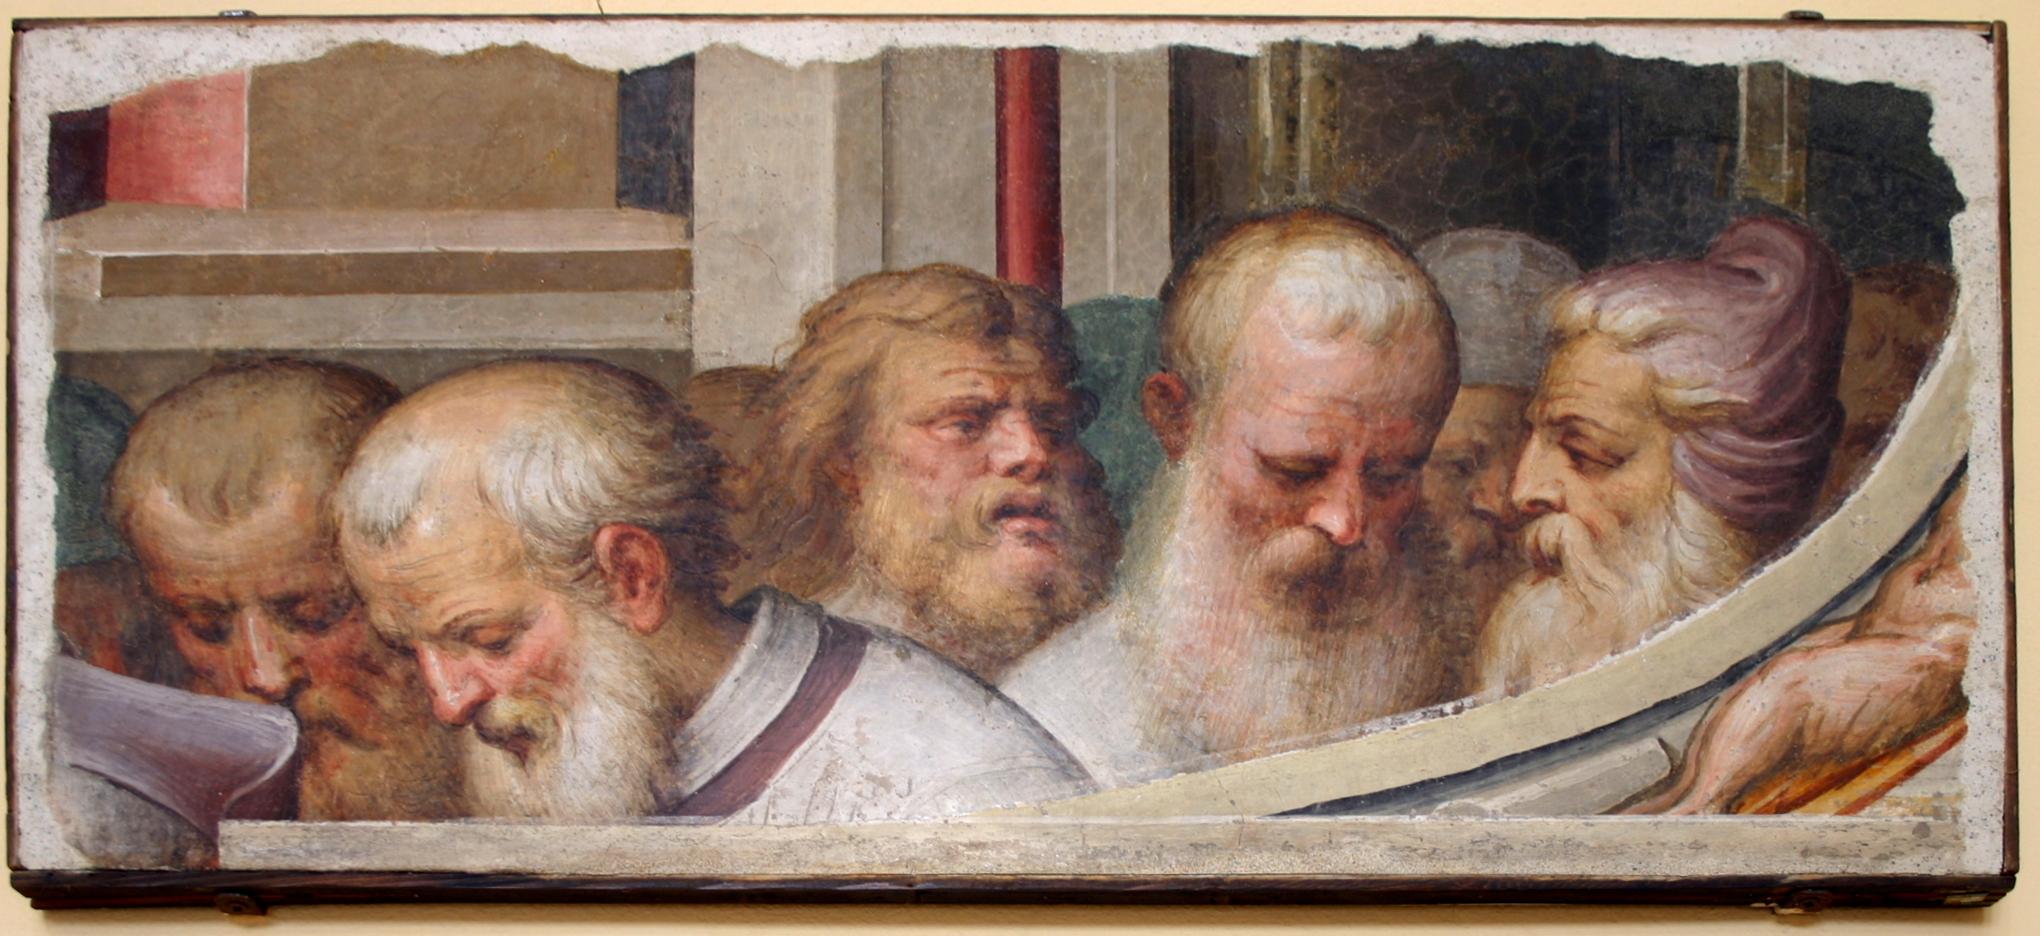 9653_-_Milano_-_Museo_d._Scienza_-_Bernardino_Campi_-_Teste_di_vecchi_-_Foto_Giovanni_Dall'Orto,_13-Sept-2009.jpg